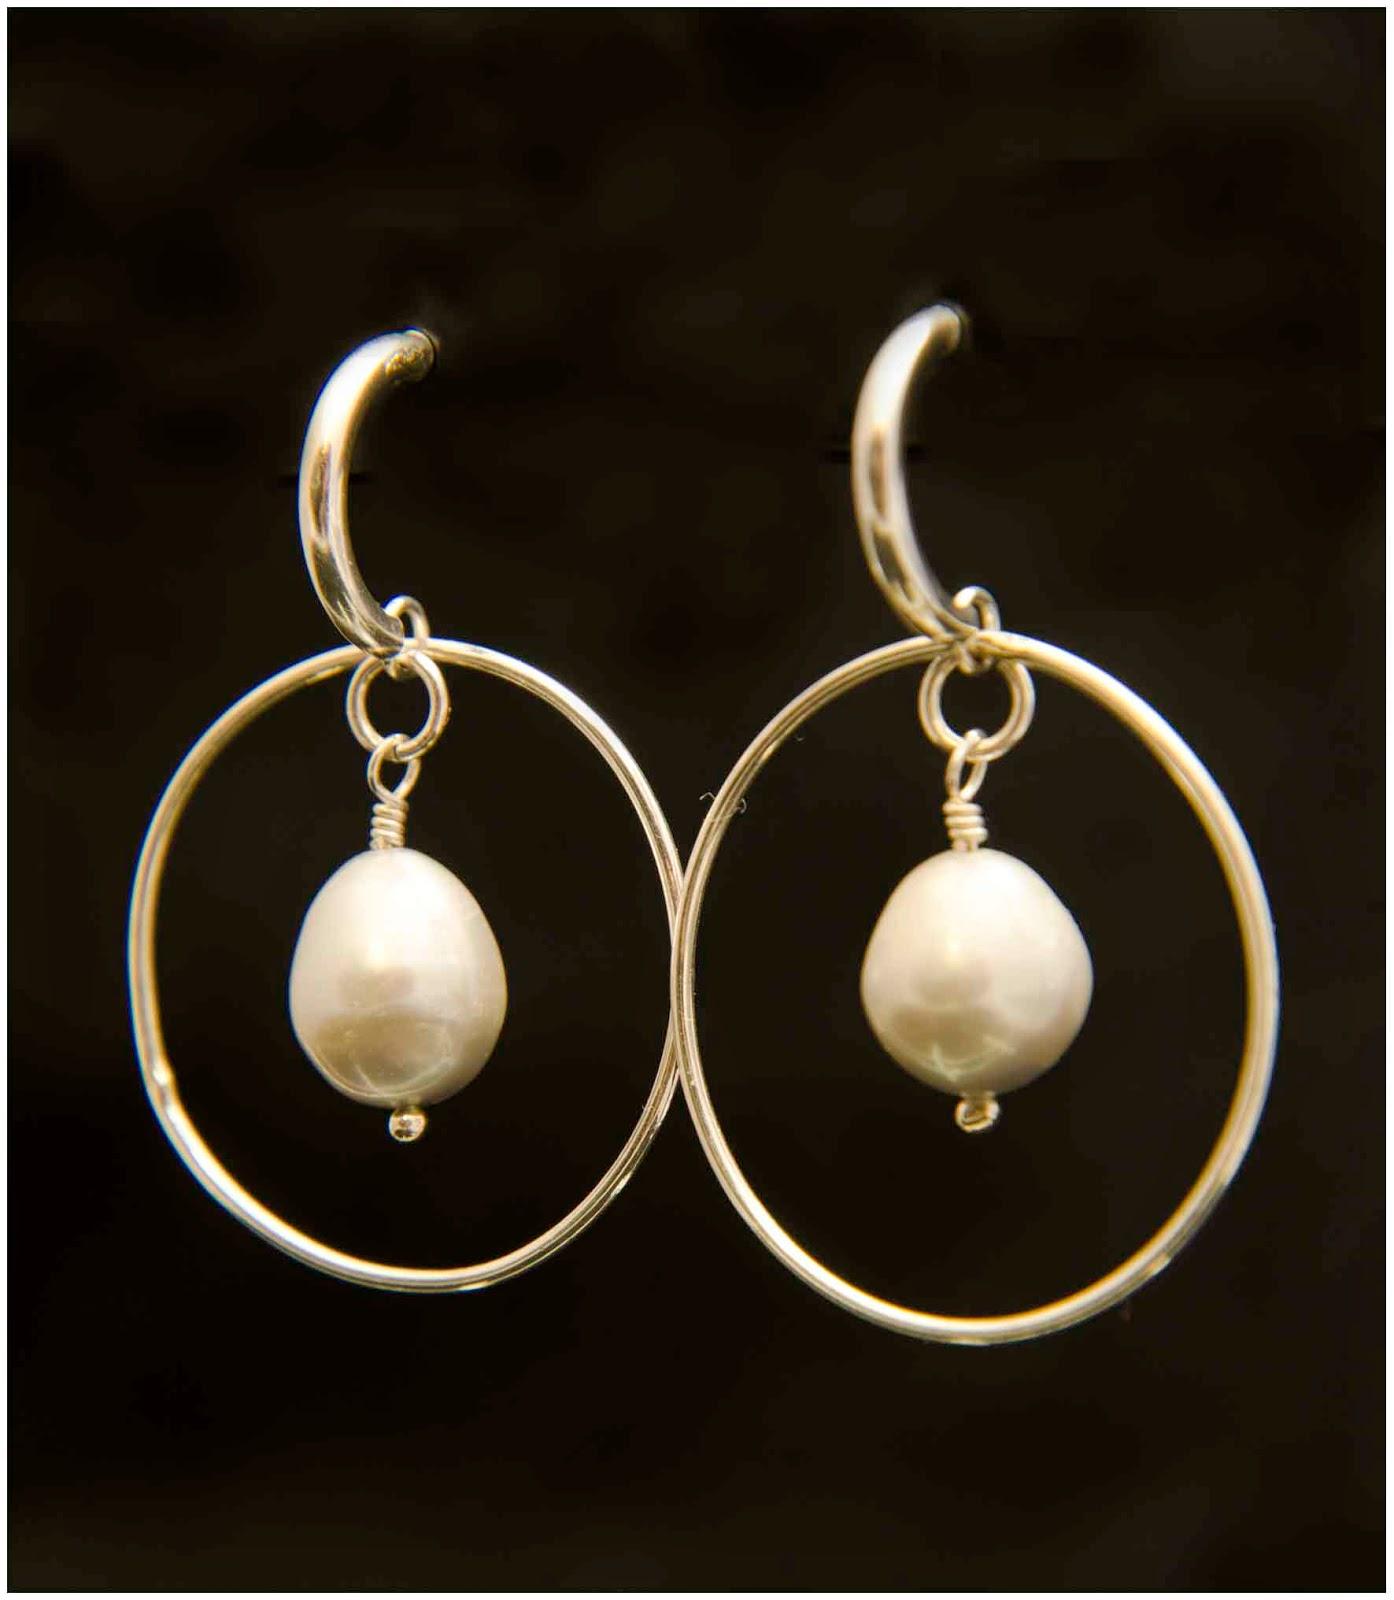 Pendientes plata perlas artesanales personalizados complementos tendencias